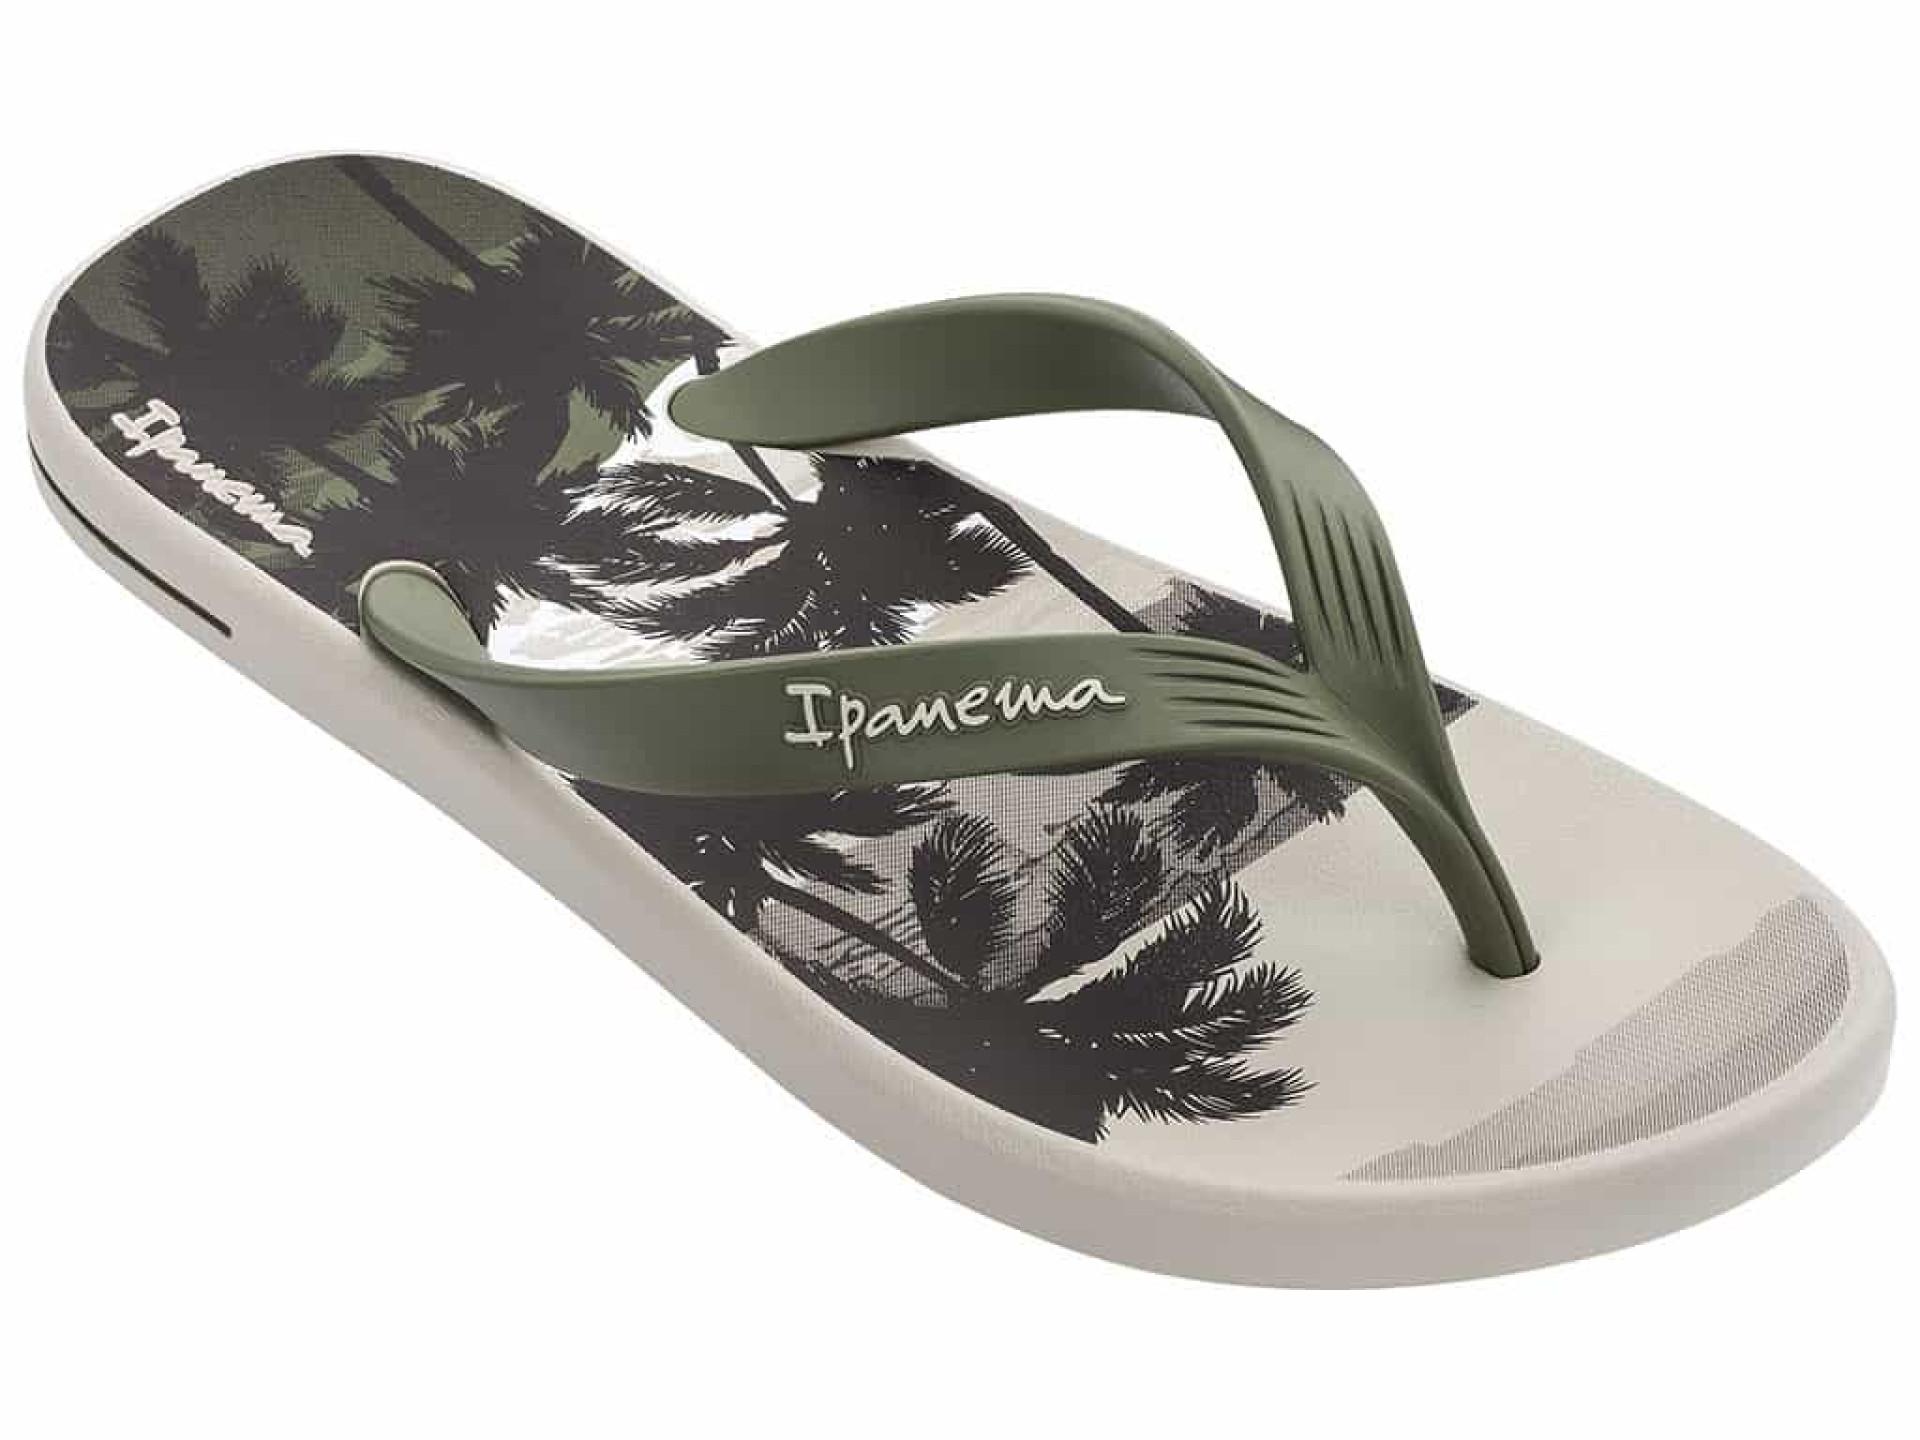 Ipanema apresenta propostas de calçado para toda a família